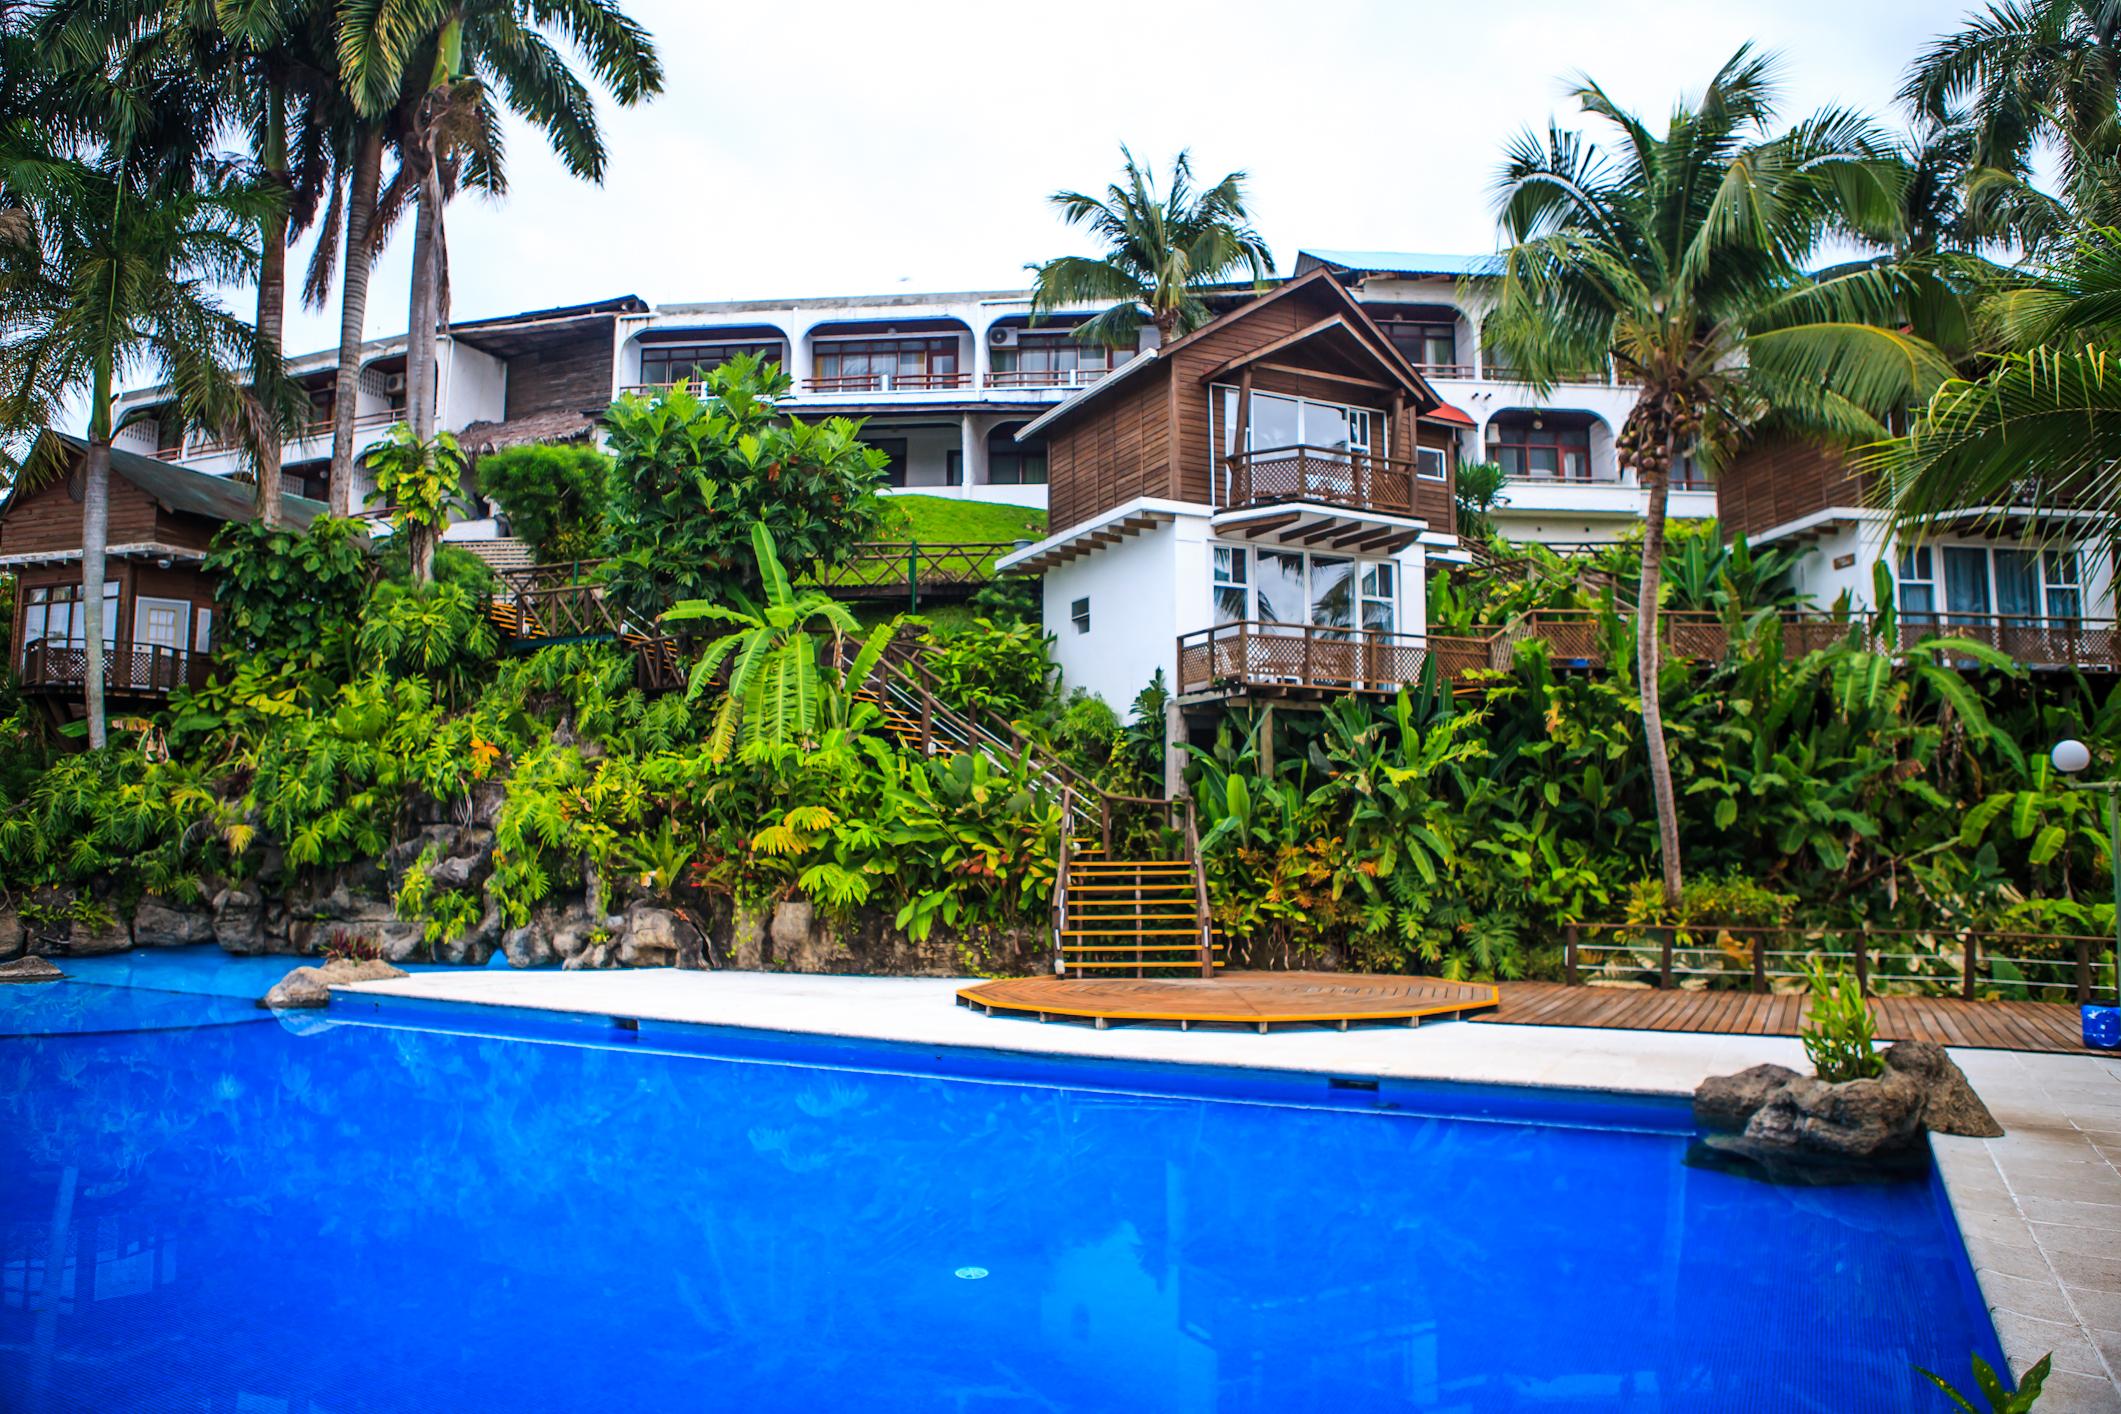 File In Livingston Guatemala The Villa Caribe Our Hotel 6995989167